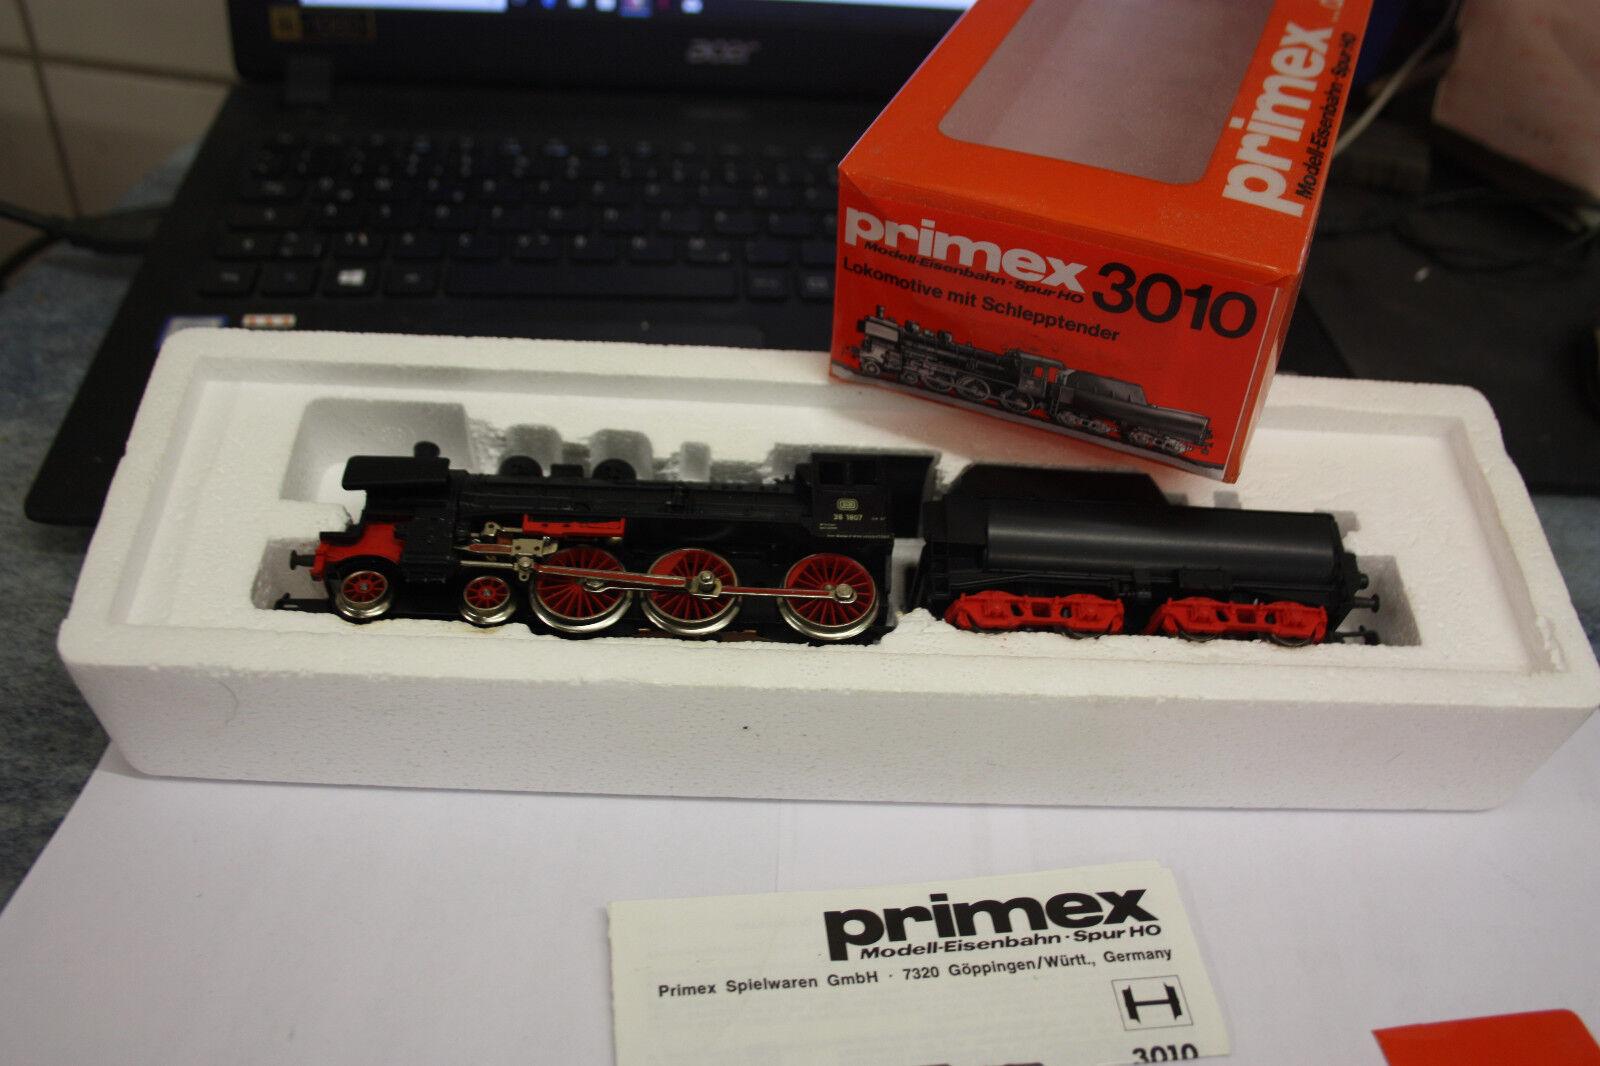 PRIMEX di marklin HO h0 3010 a vaporeLok BR 38 p8 della DB TOP  OVP  kc19